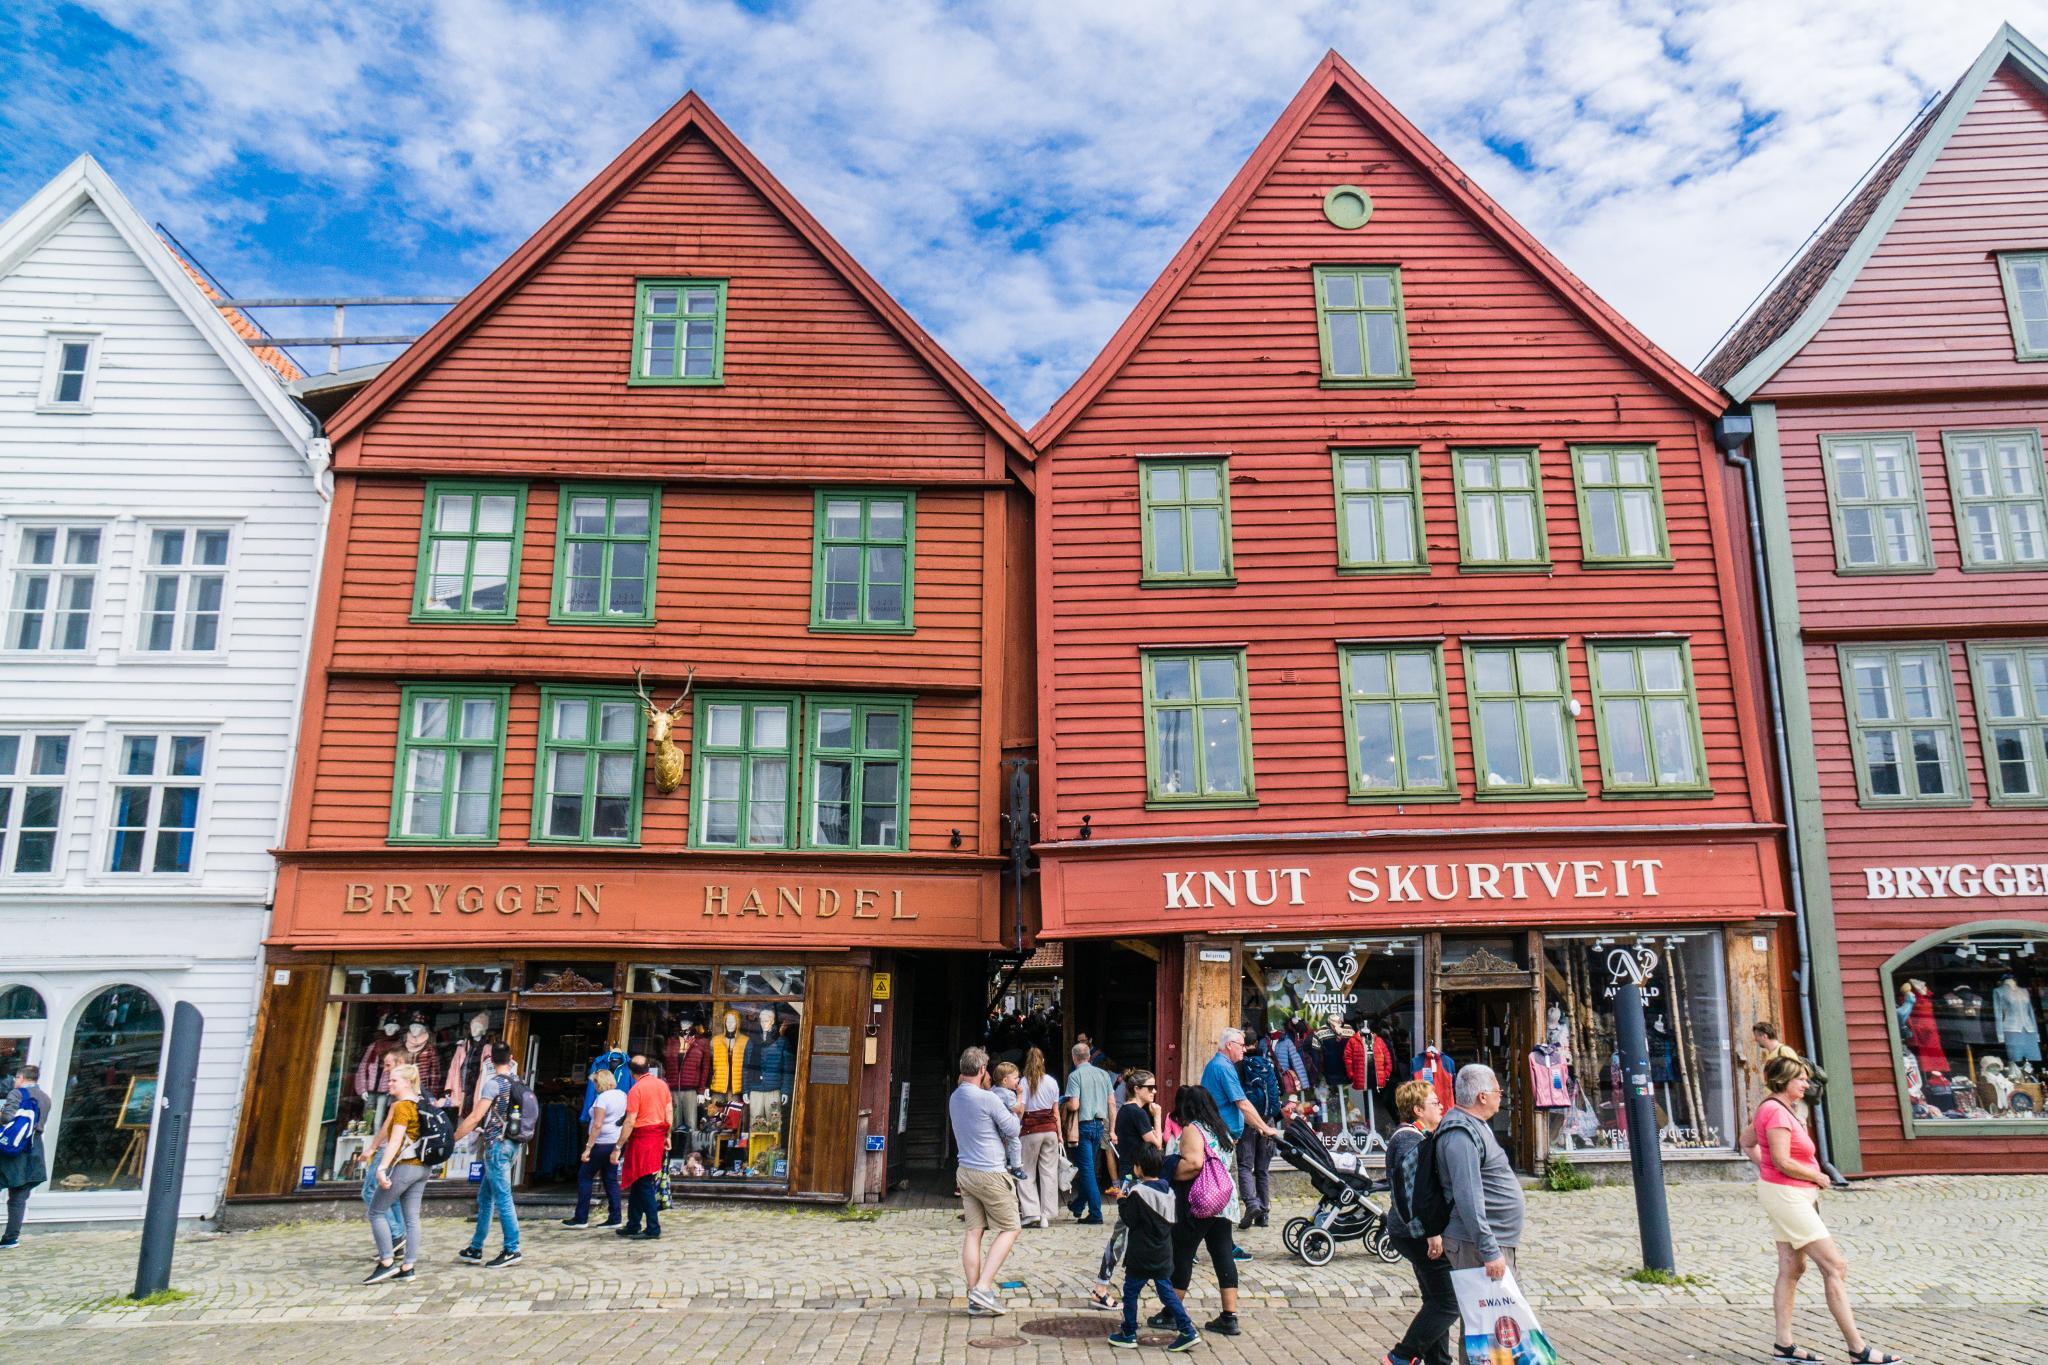 【卑爾根】Bryggen 世界遺產布呂根 — 迷失在百年歷史的挪威彩色木屋 5